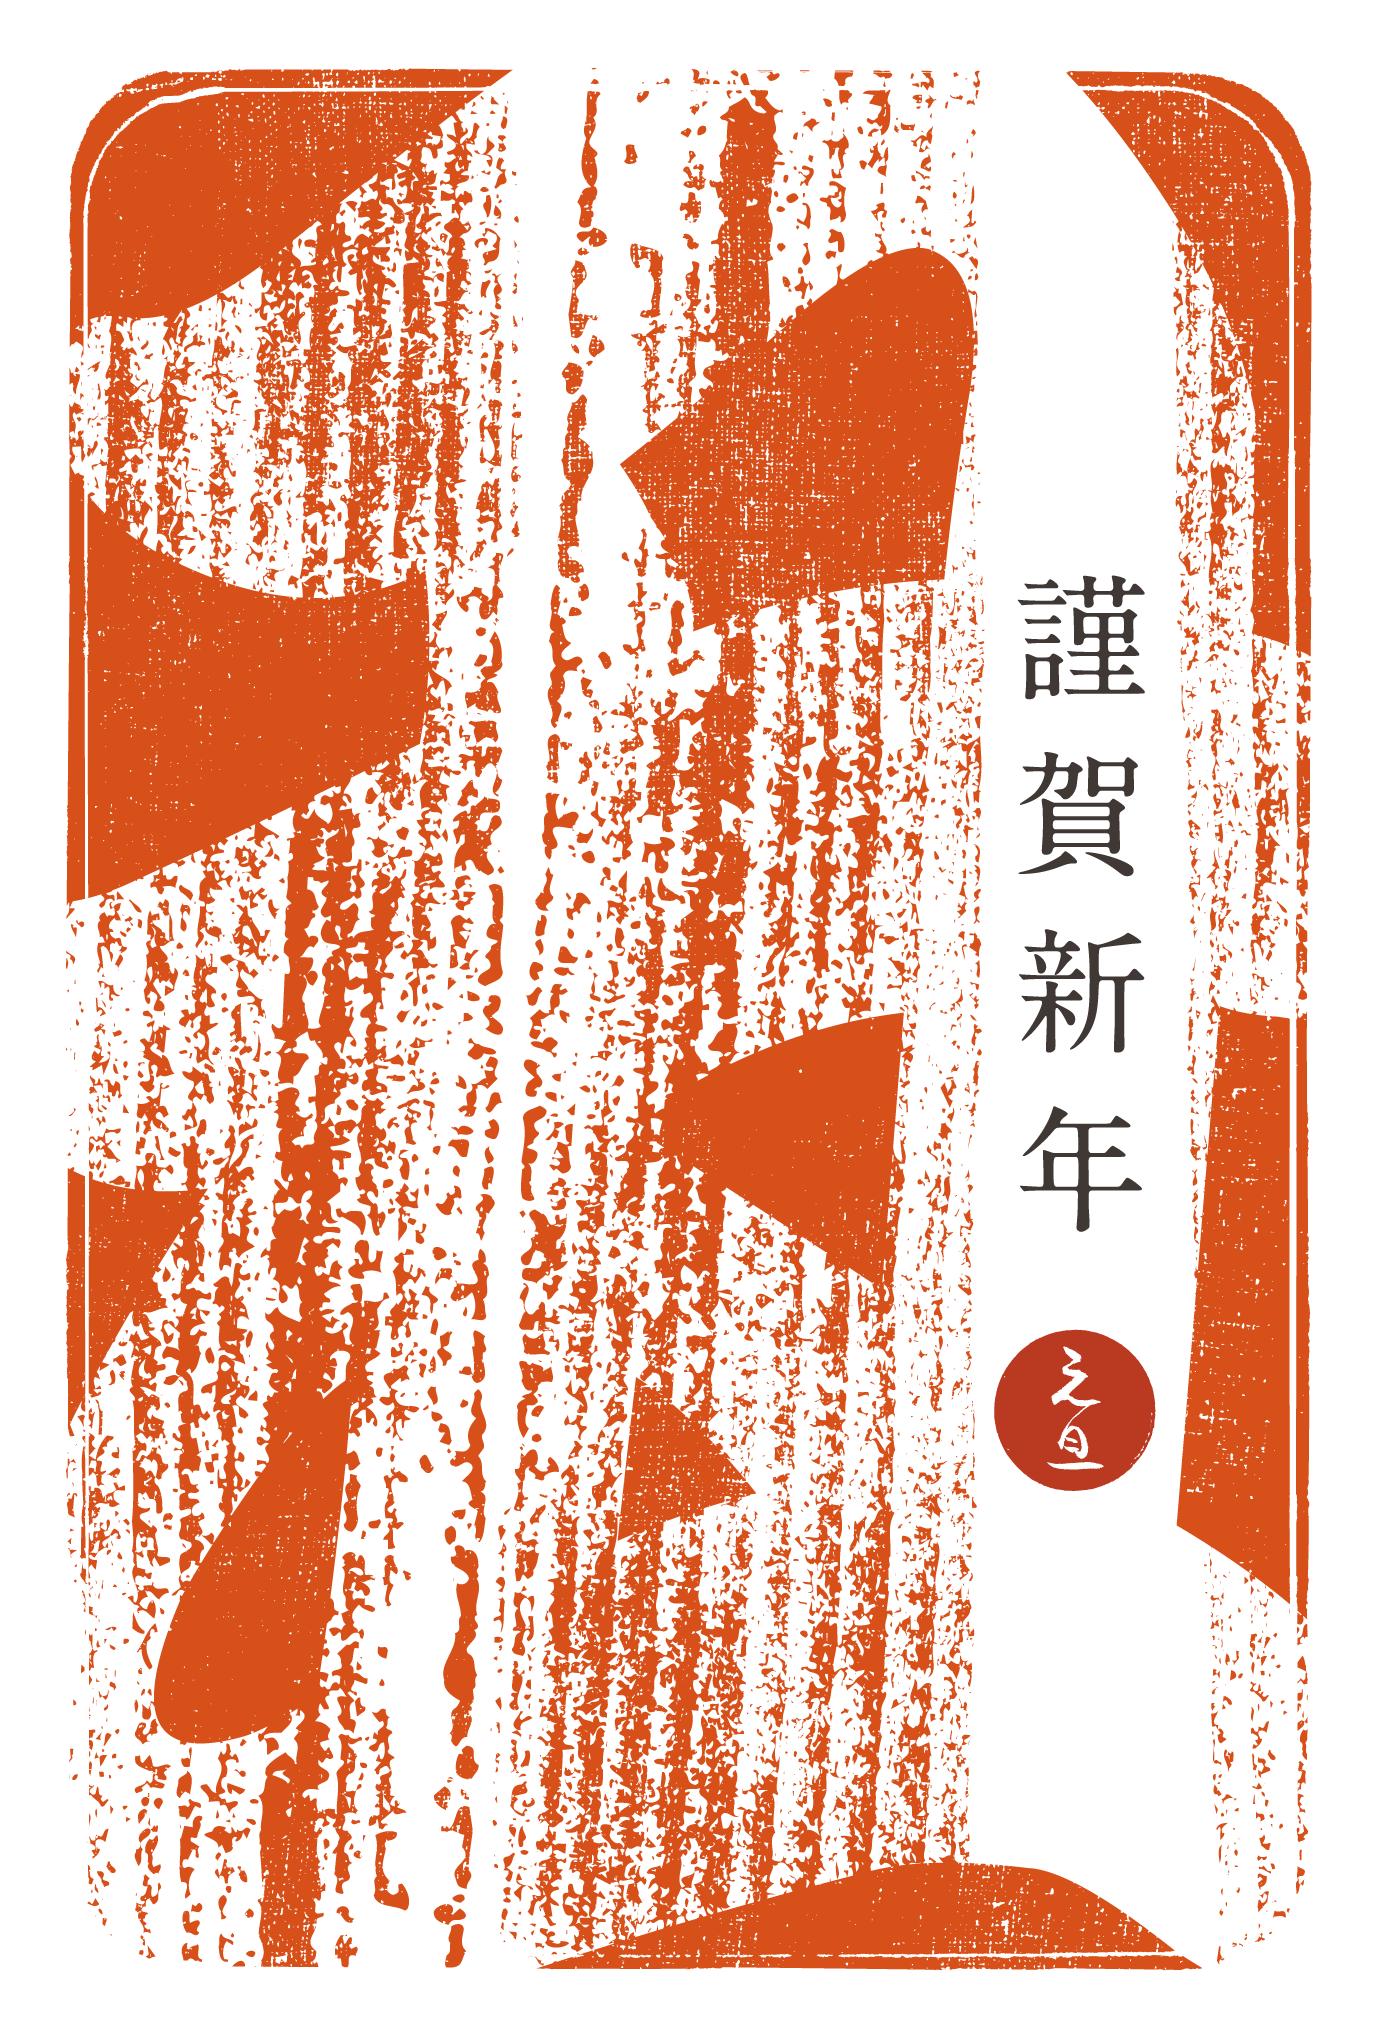 2021年賀状02-3:江戸勘亭流(丑)緋色のダウンロード画像